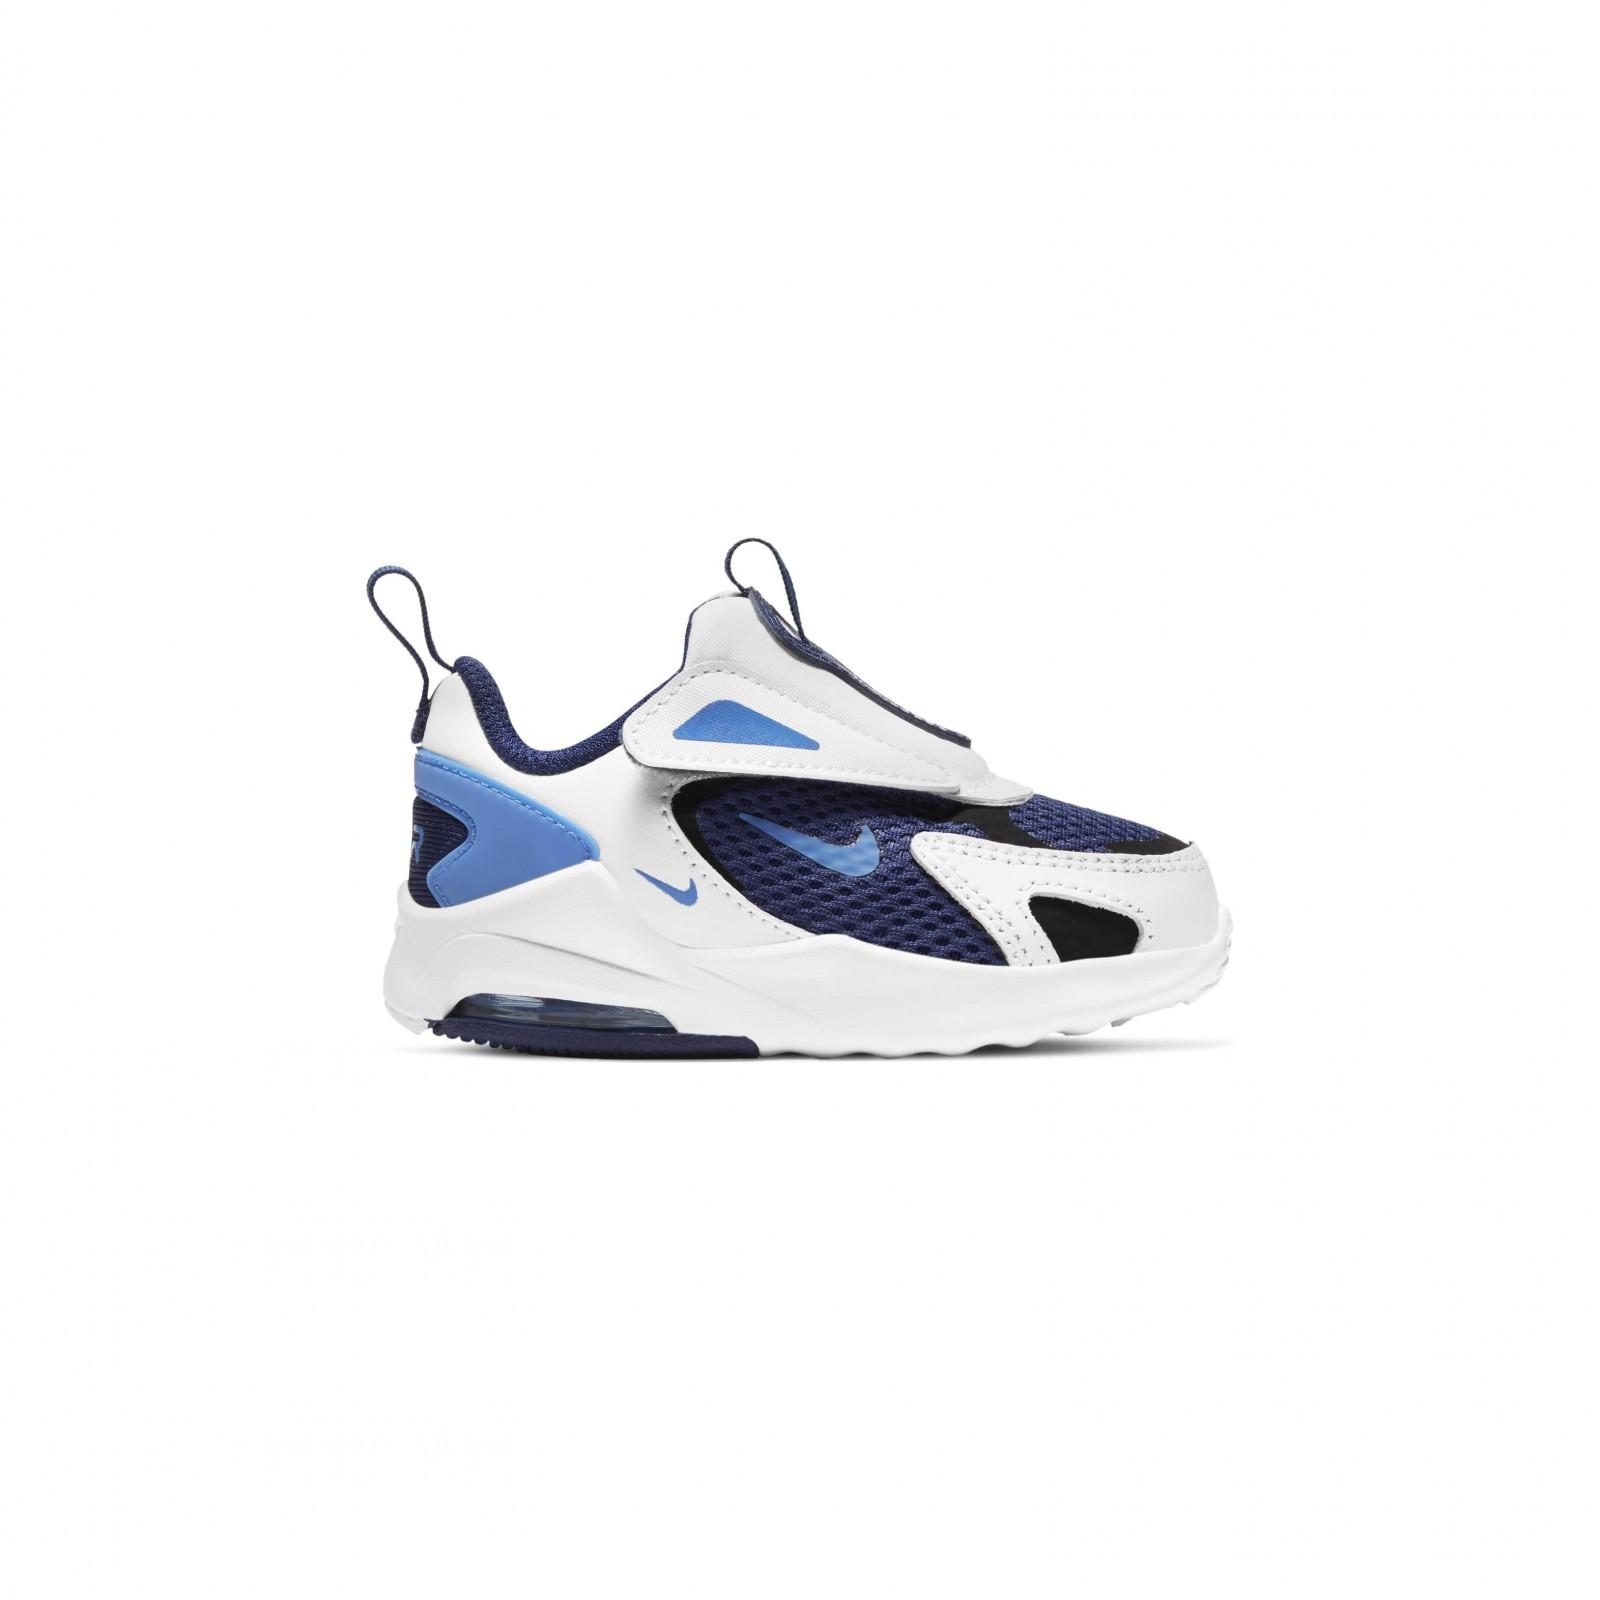 Nike Air Max Bolt BLUE VOID/SIGNAL BLUE-WHITE-BLACK